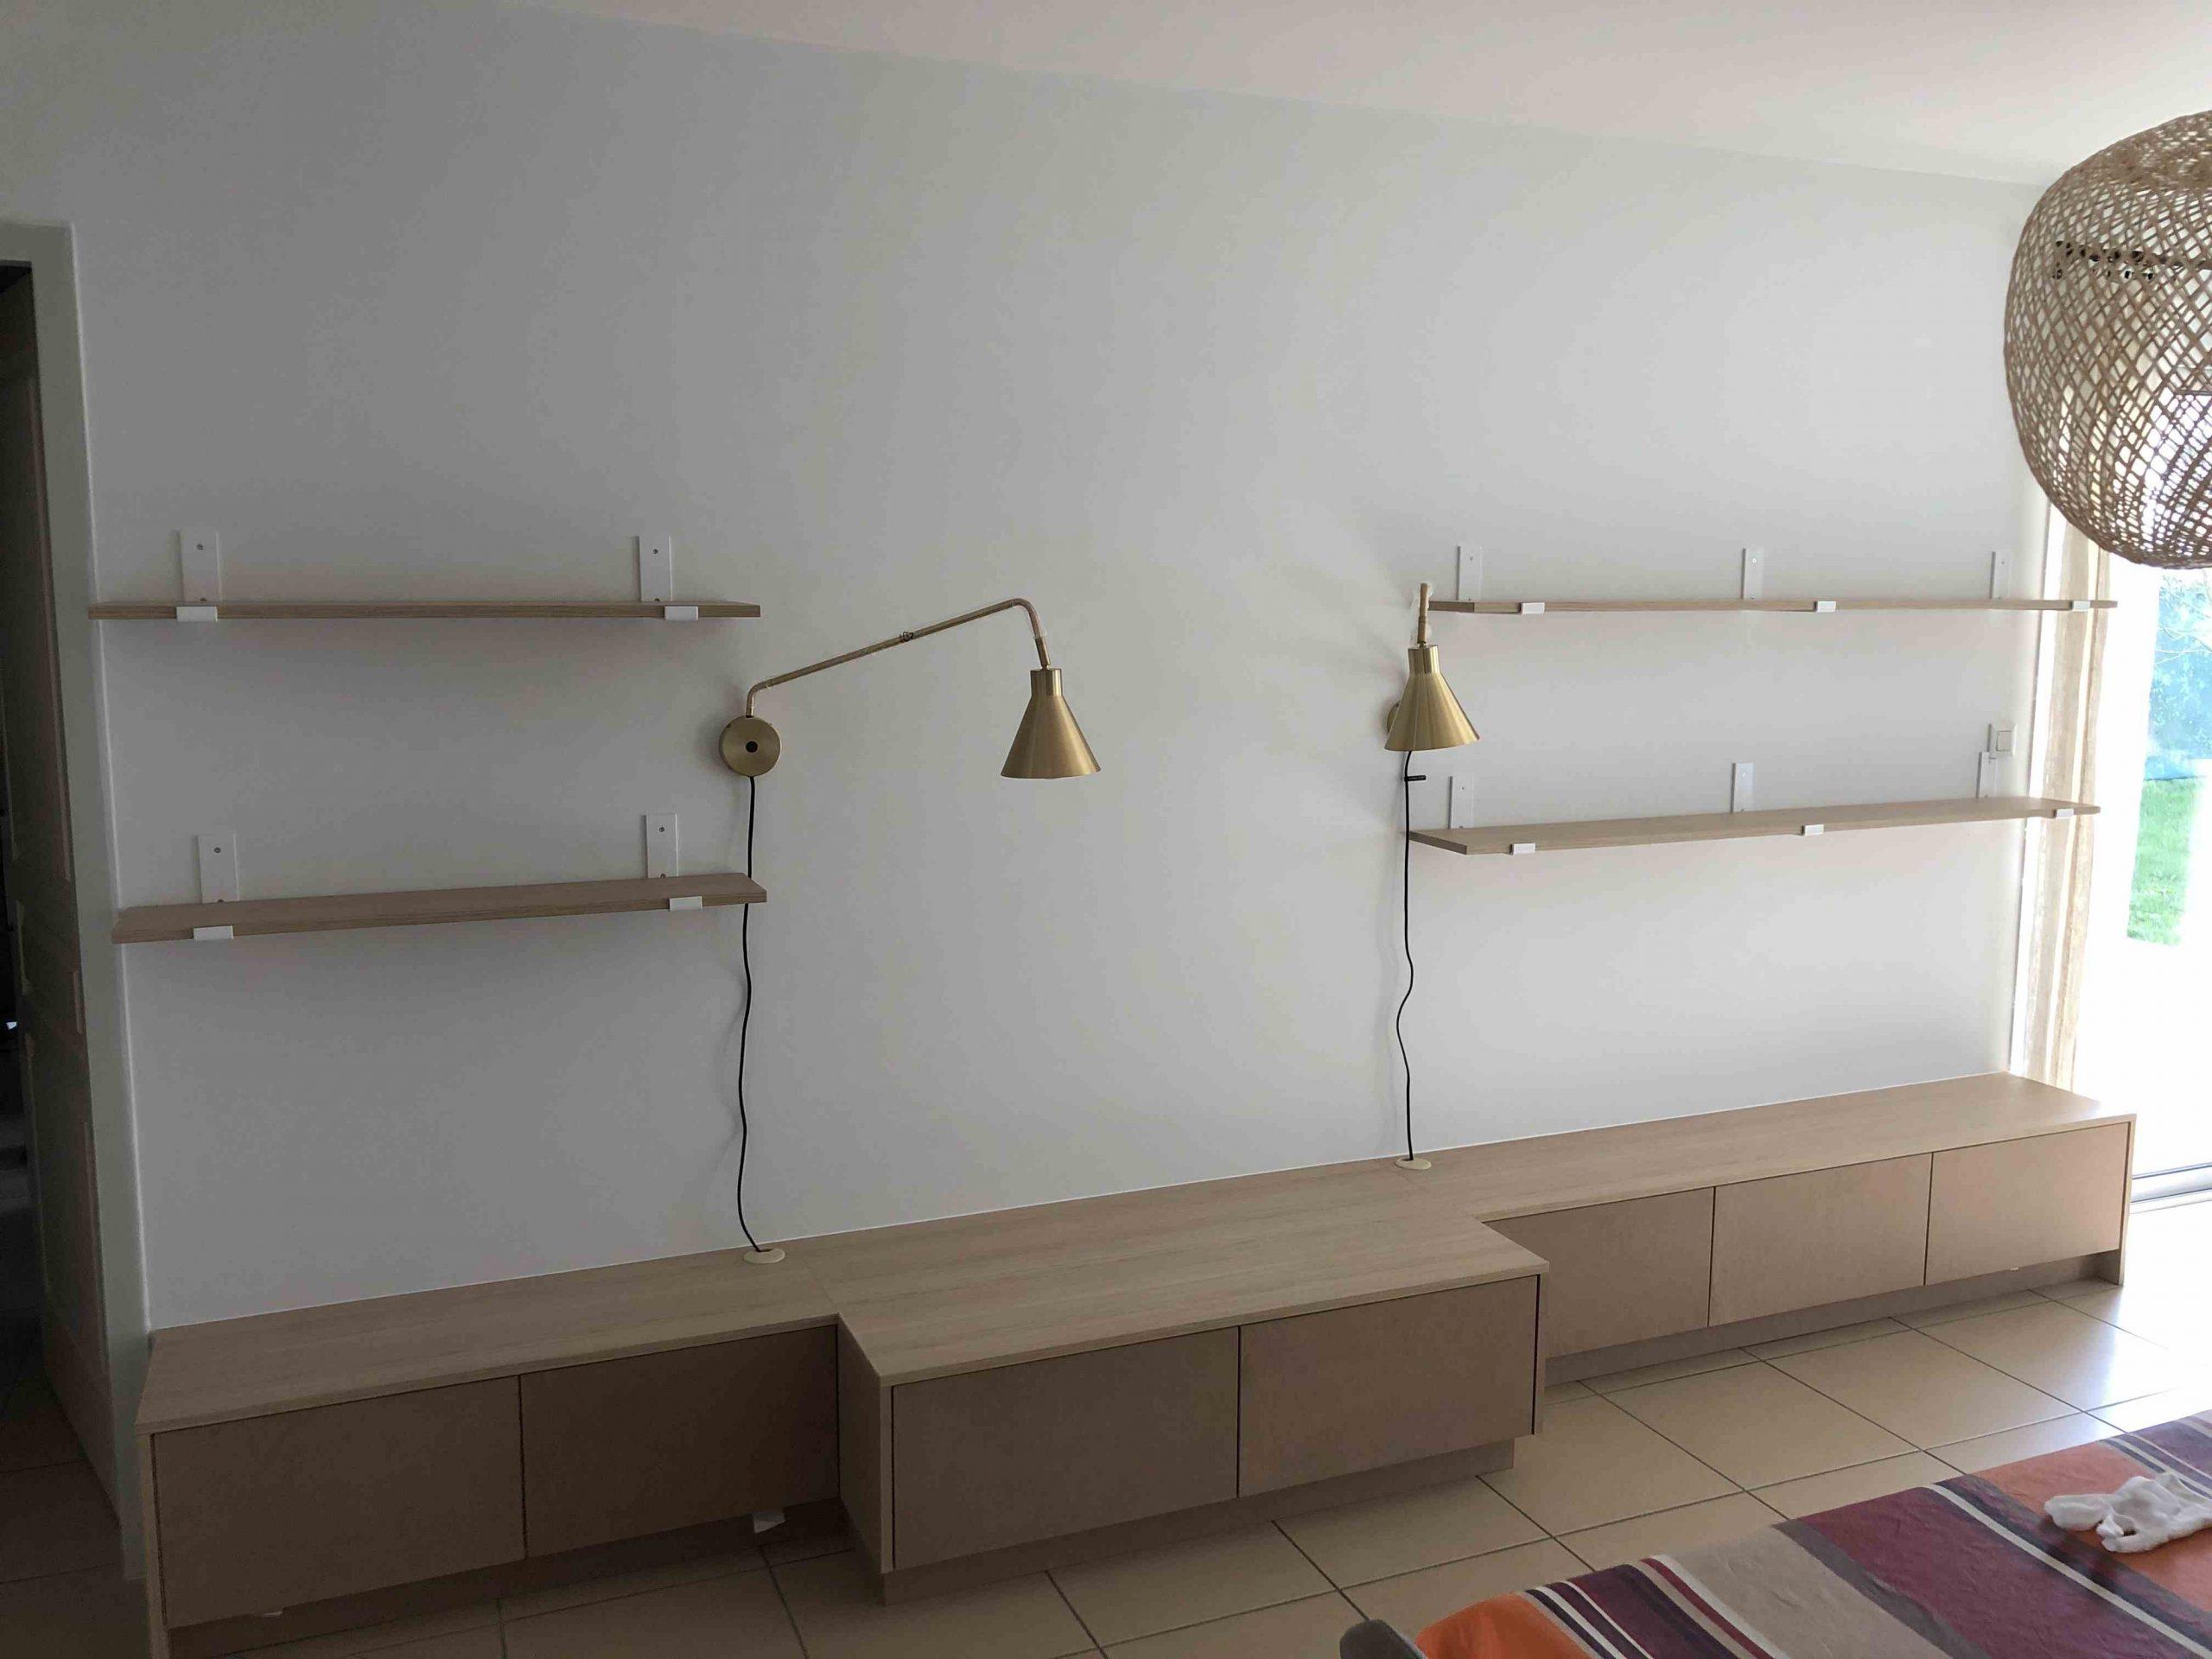 IMG 1708 scaled - Aménagement d'un salon sur mesure